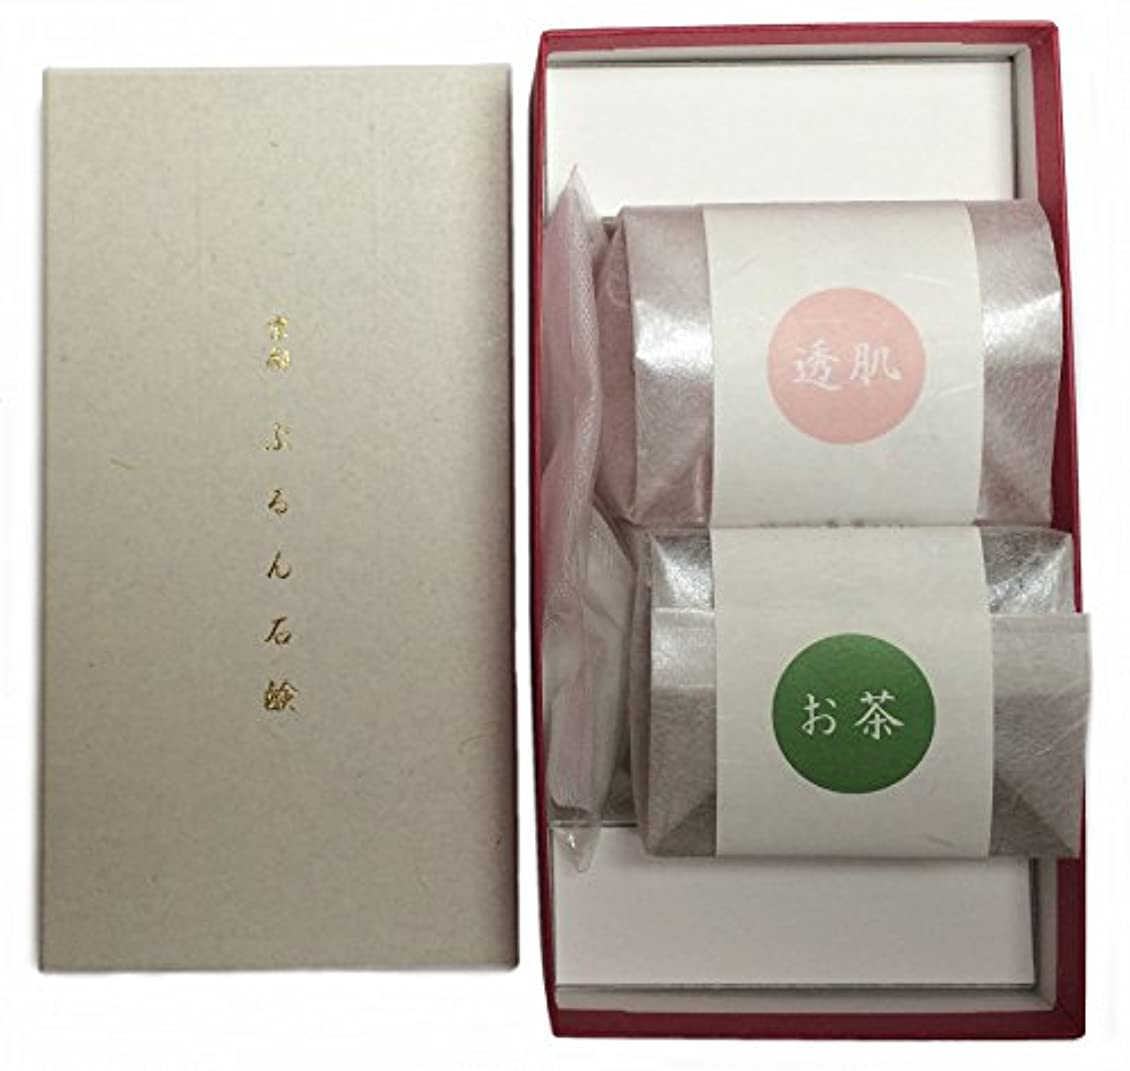 メイエラ数トチの実の木京都 ぷるん石鹸 ピュアソープ ヒアルロン酸 コラーゲン ギフトボックス 2種2個セット